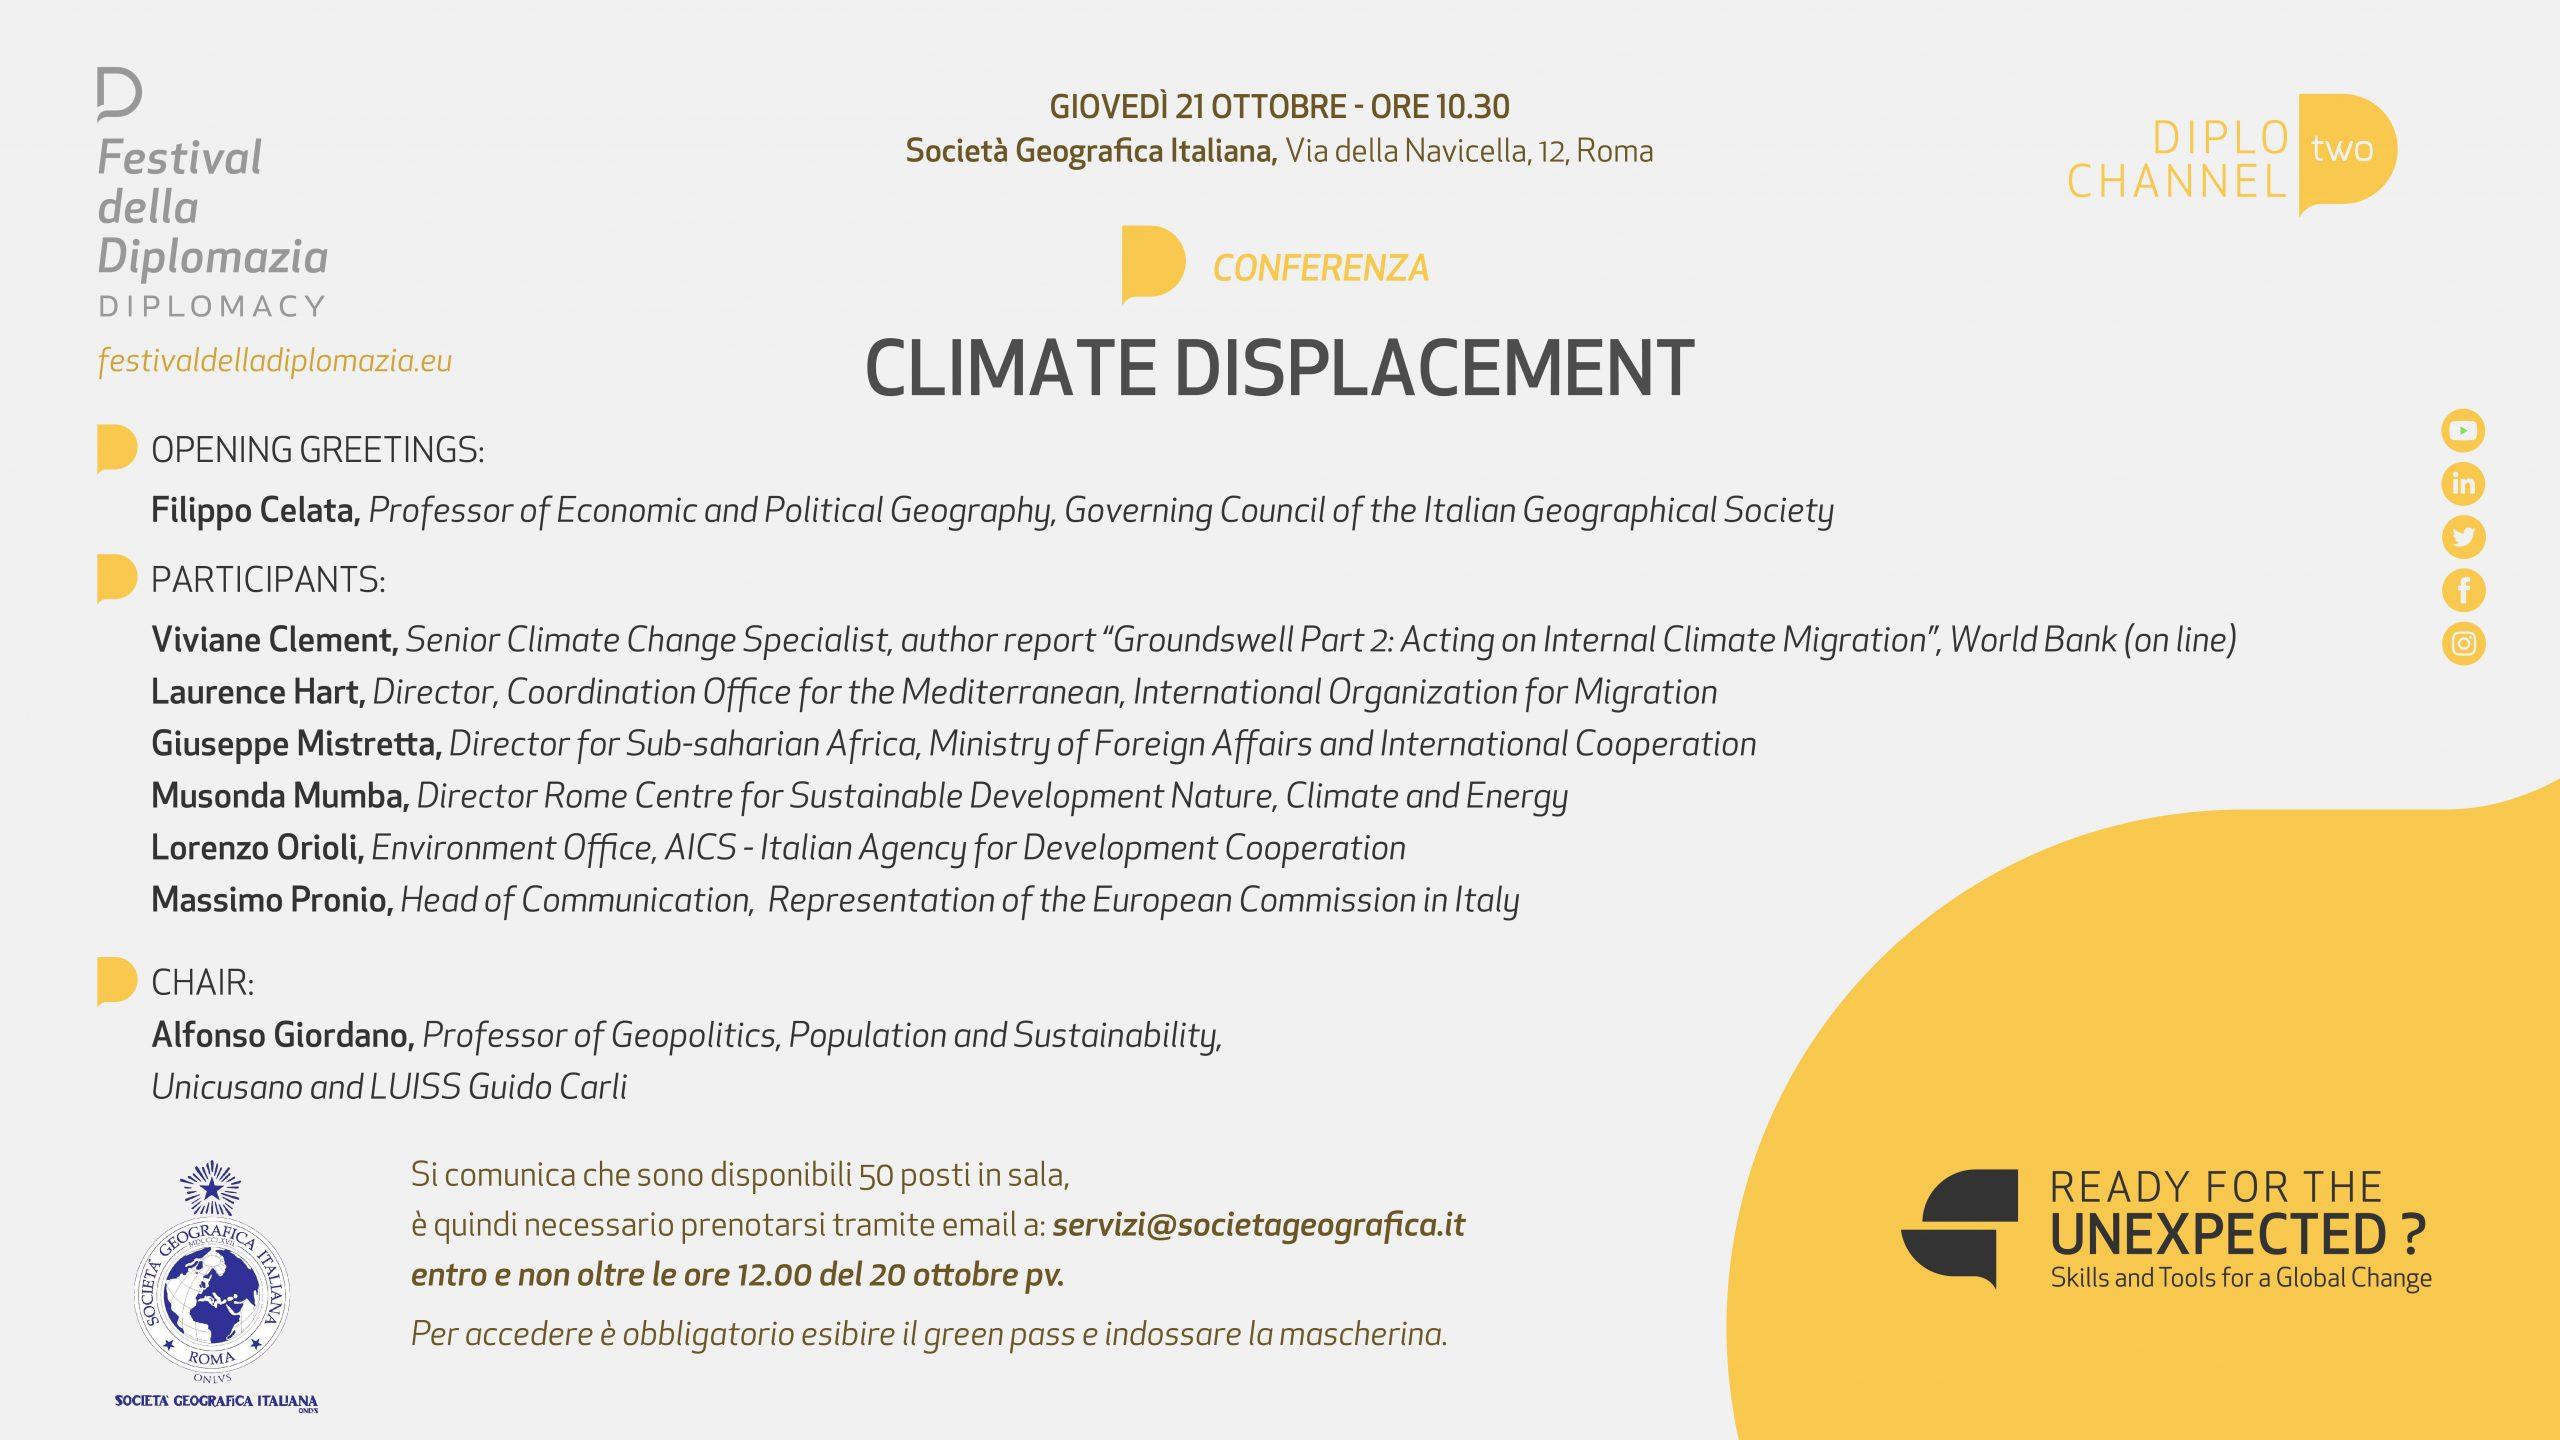 """GIOVEDI' 21 OTTOBRE 2021 – ORE 10:30 – FESTIVAL DELLA DIPLOMAZIA – CONFERENZA """"CLIMATE DISPLACEMENT"""""""